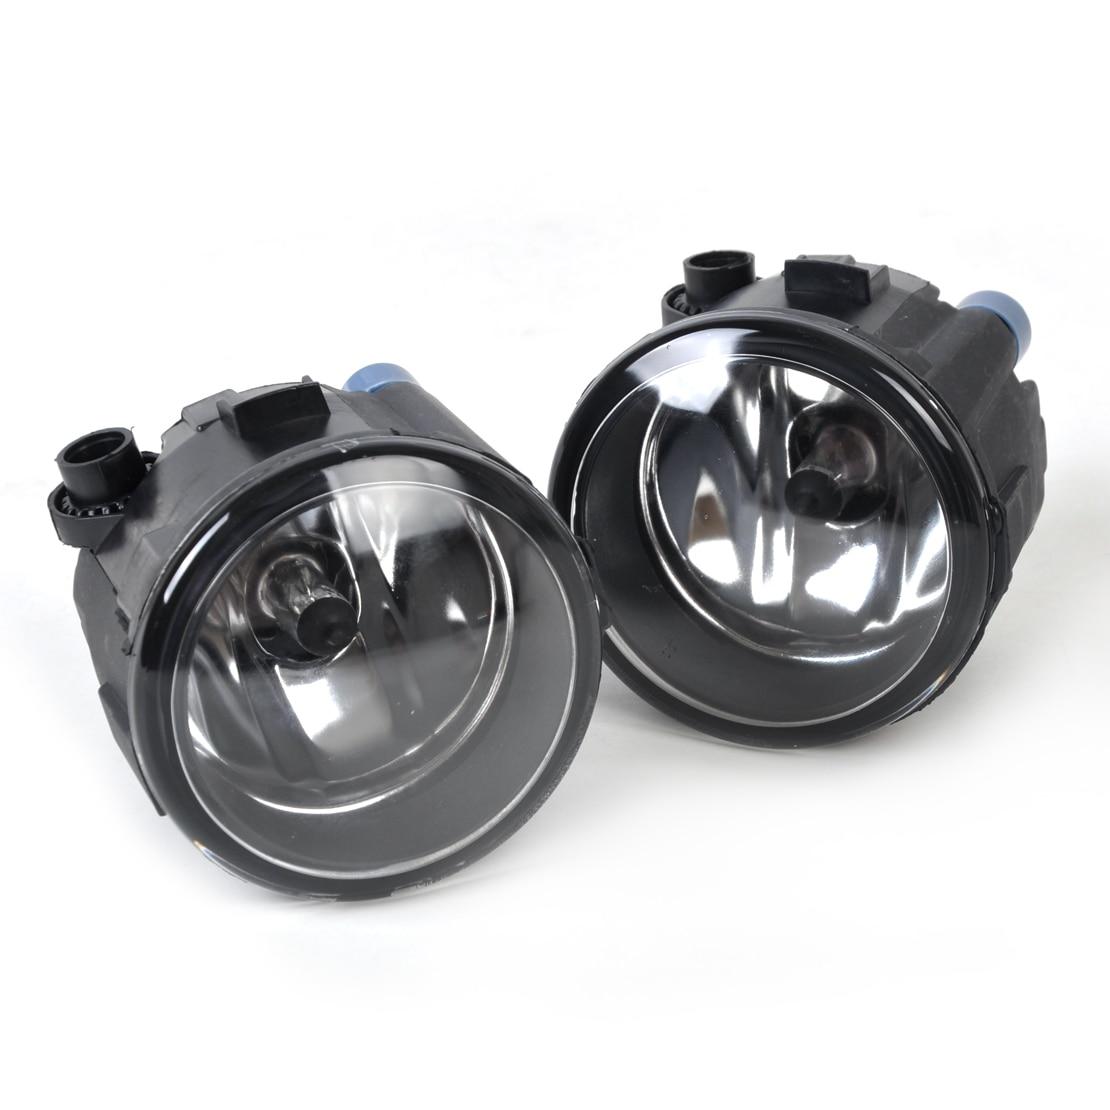 beler 2pcs Right + Left Fog Light Lamp H11 Halogen 55W 12V Bulb Assembly for Nissan Cube Murano Versa Infiniti EX35 261508993B<br>